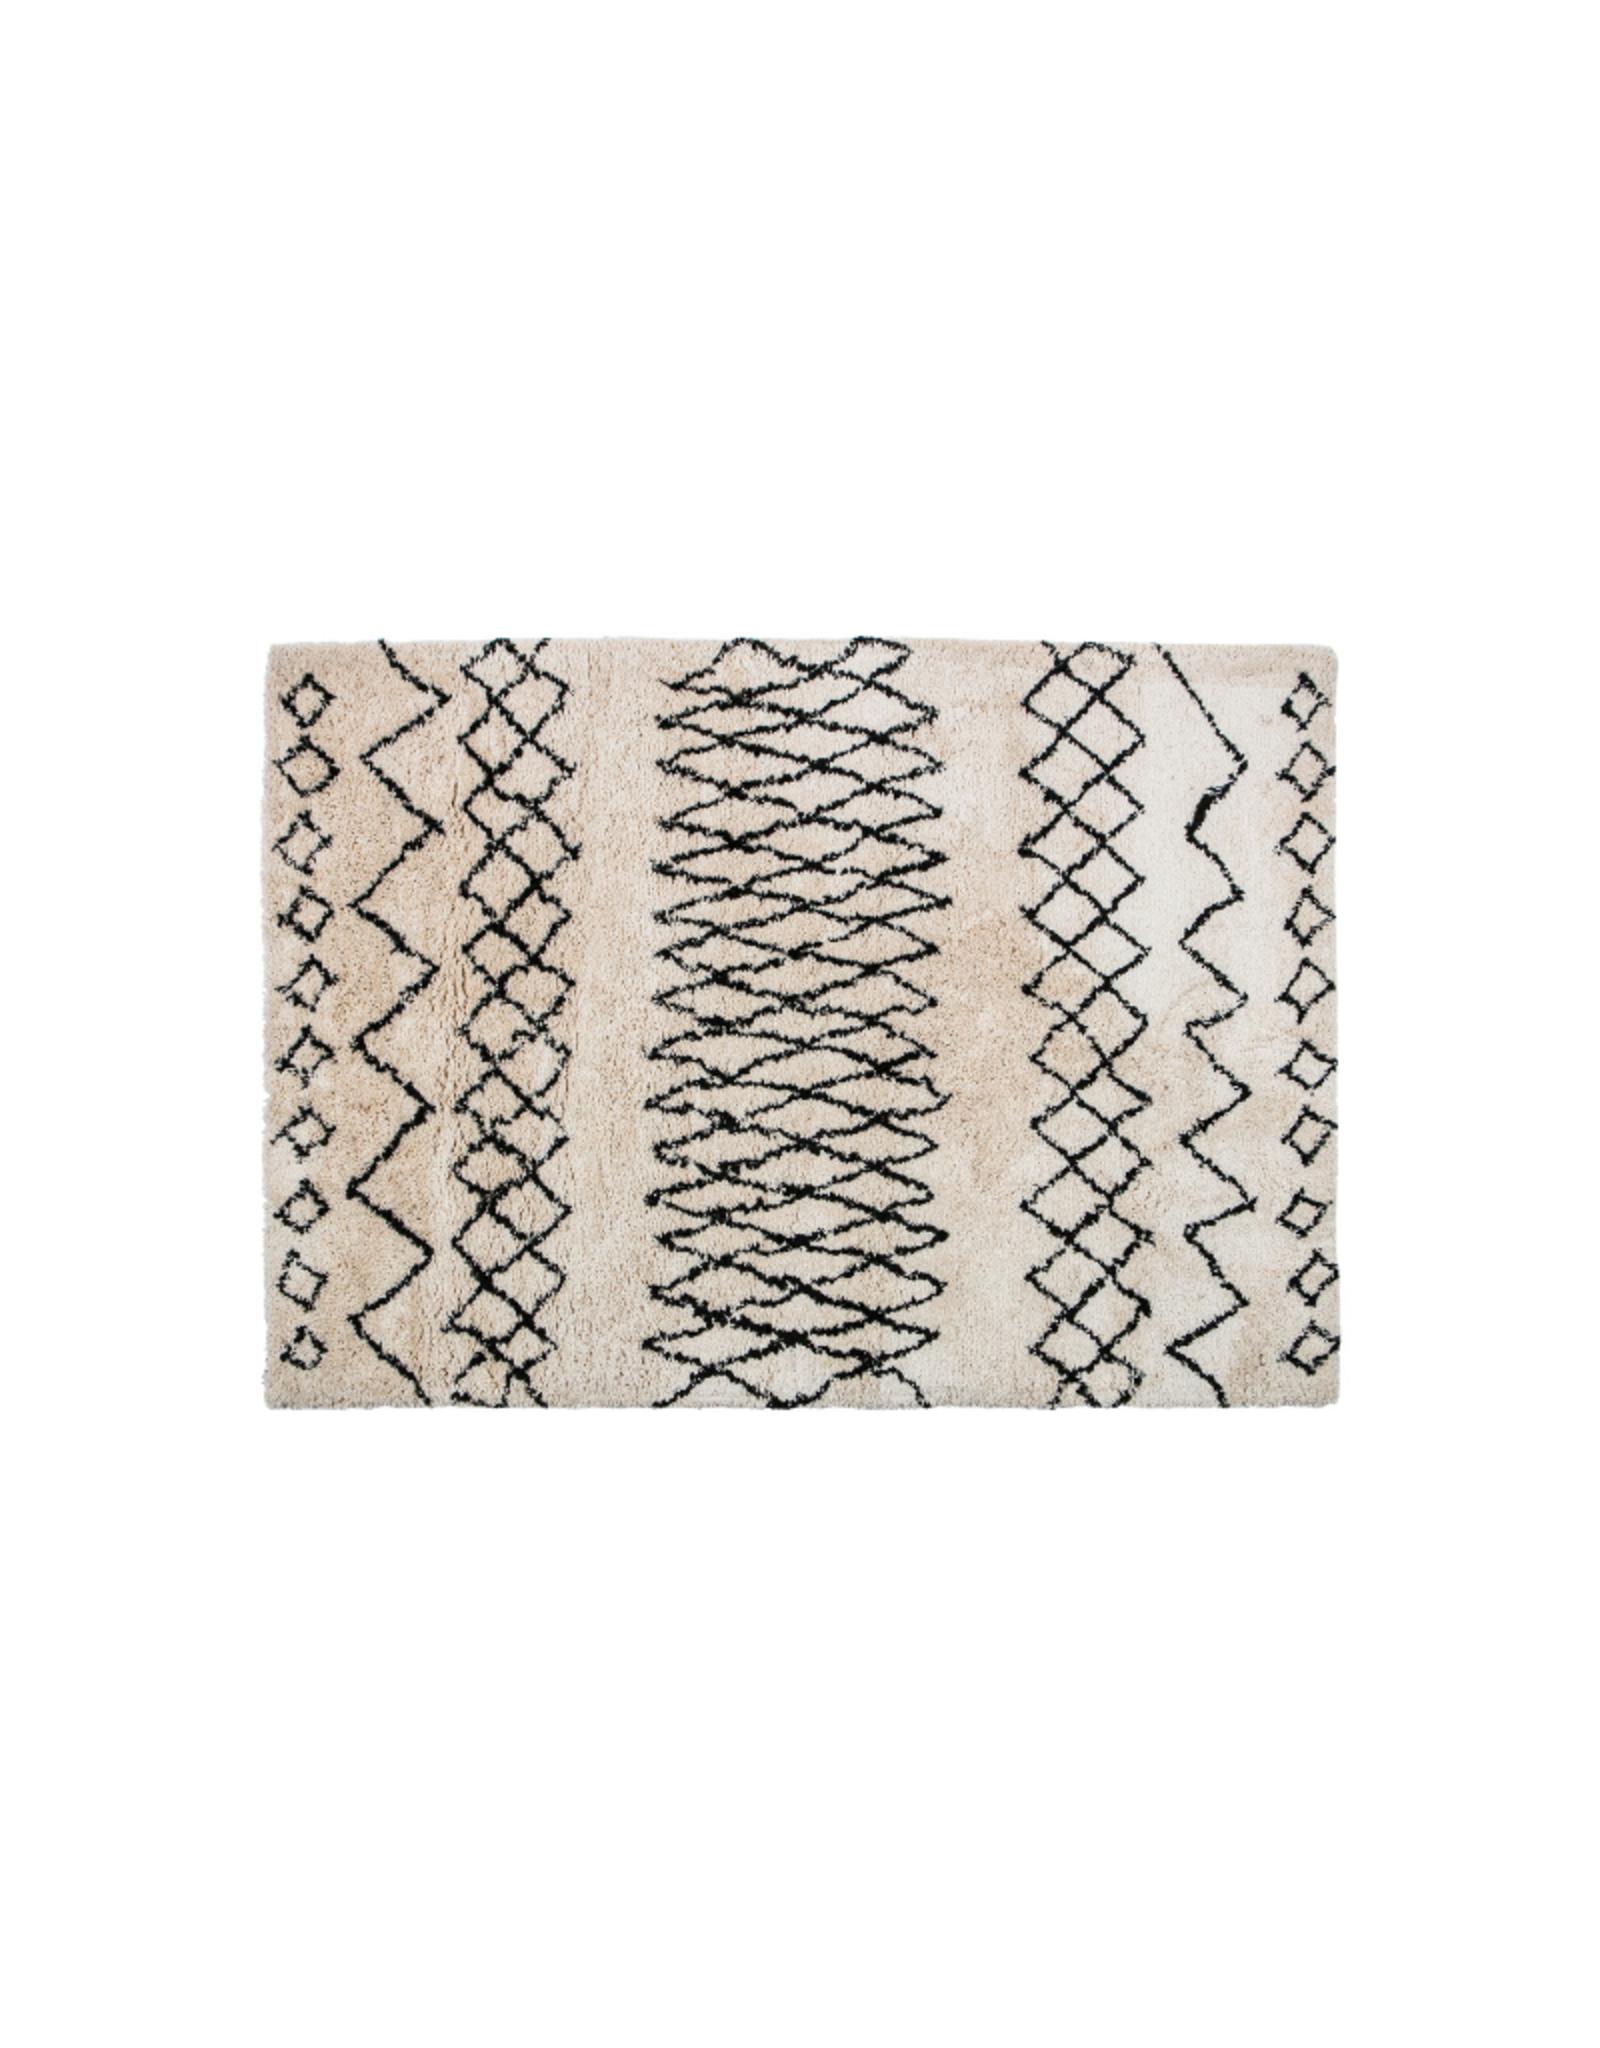 Vloerkleed 200 x 300 cm in Berberstijl